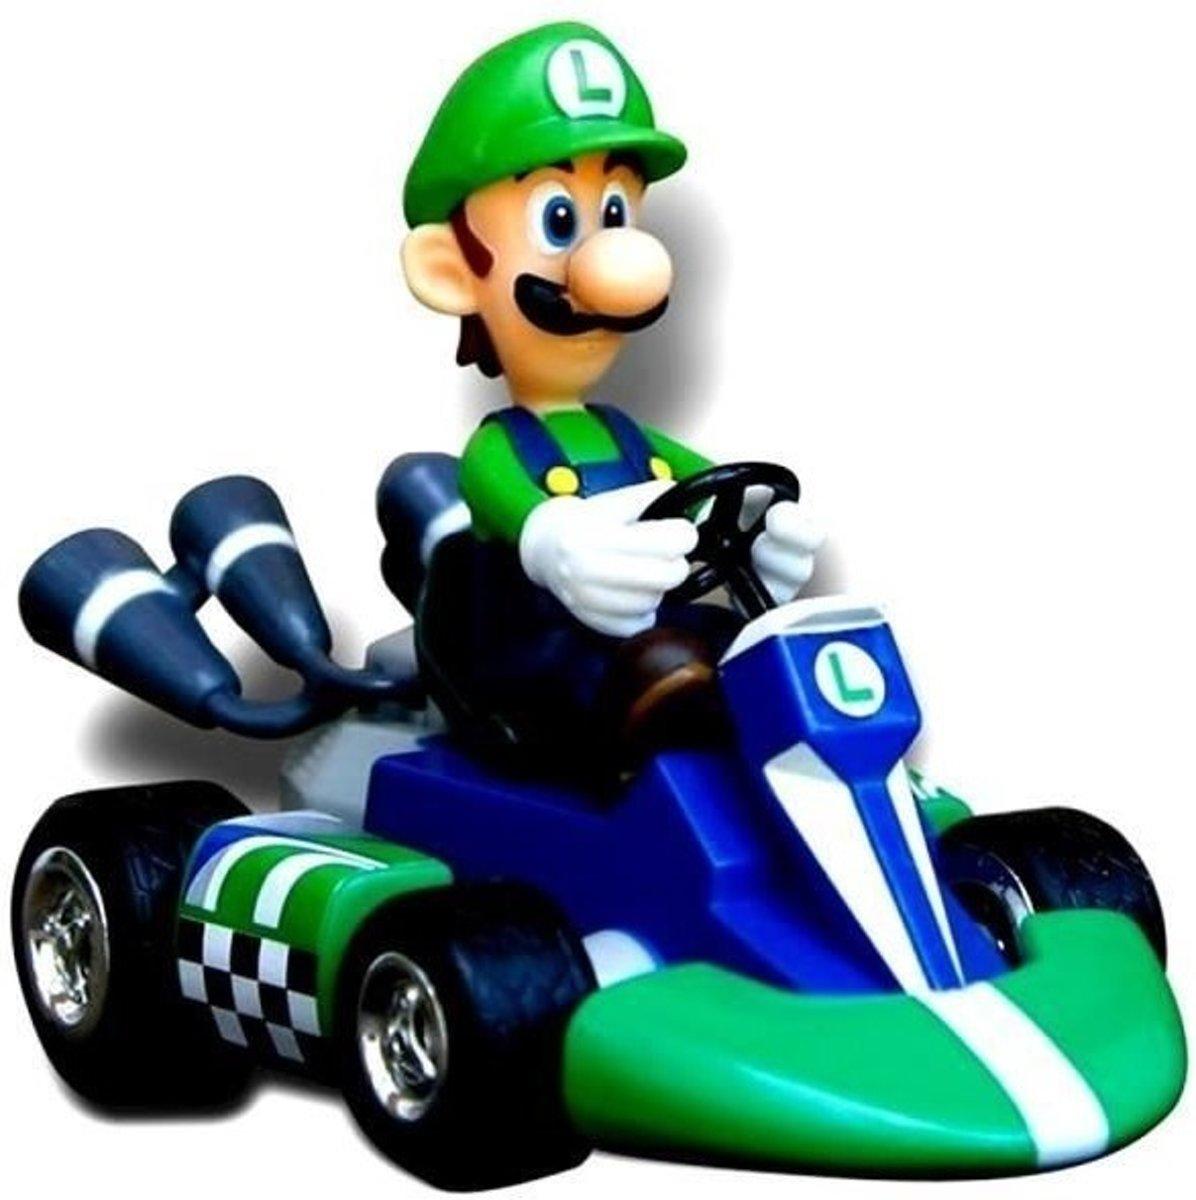 Mario Kart Luigi Pull Back Racers - Mariokart Wii actiefiguur kopen